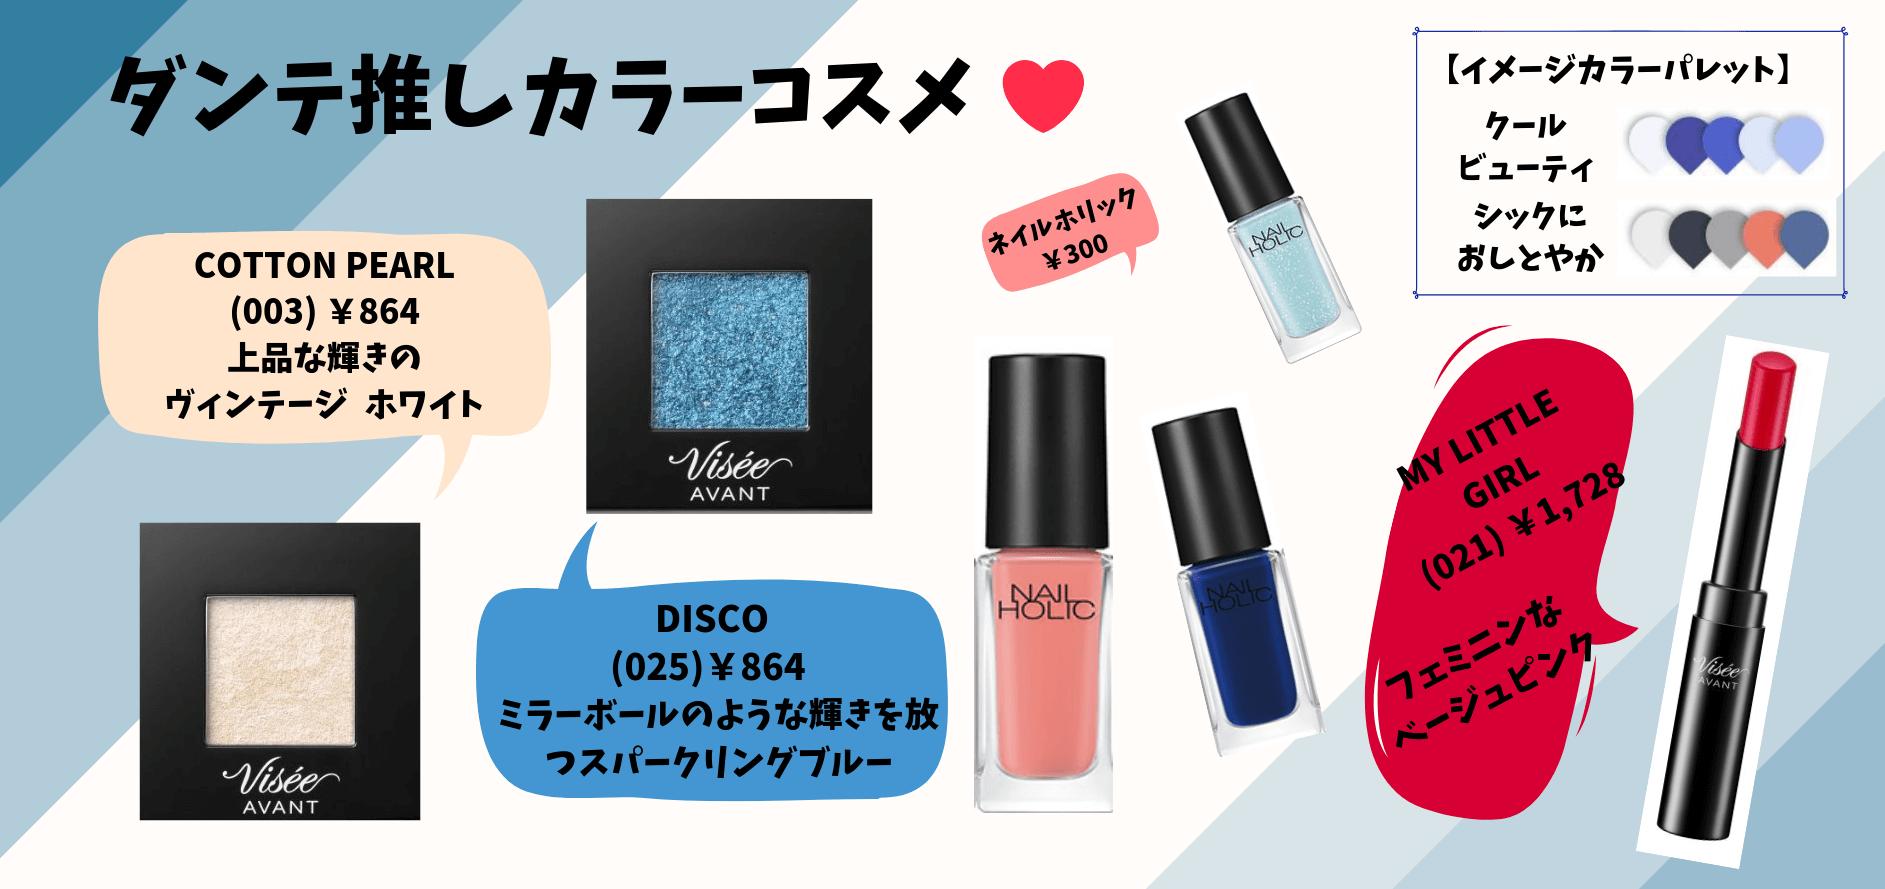 ダンテ推しの人にはブルー&ホワイトピンク!